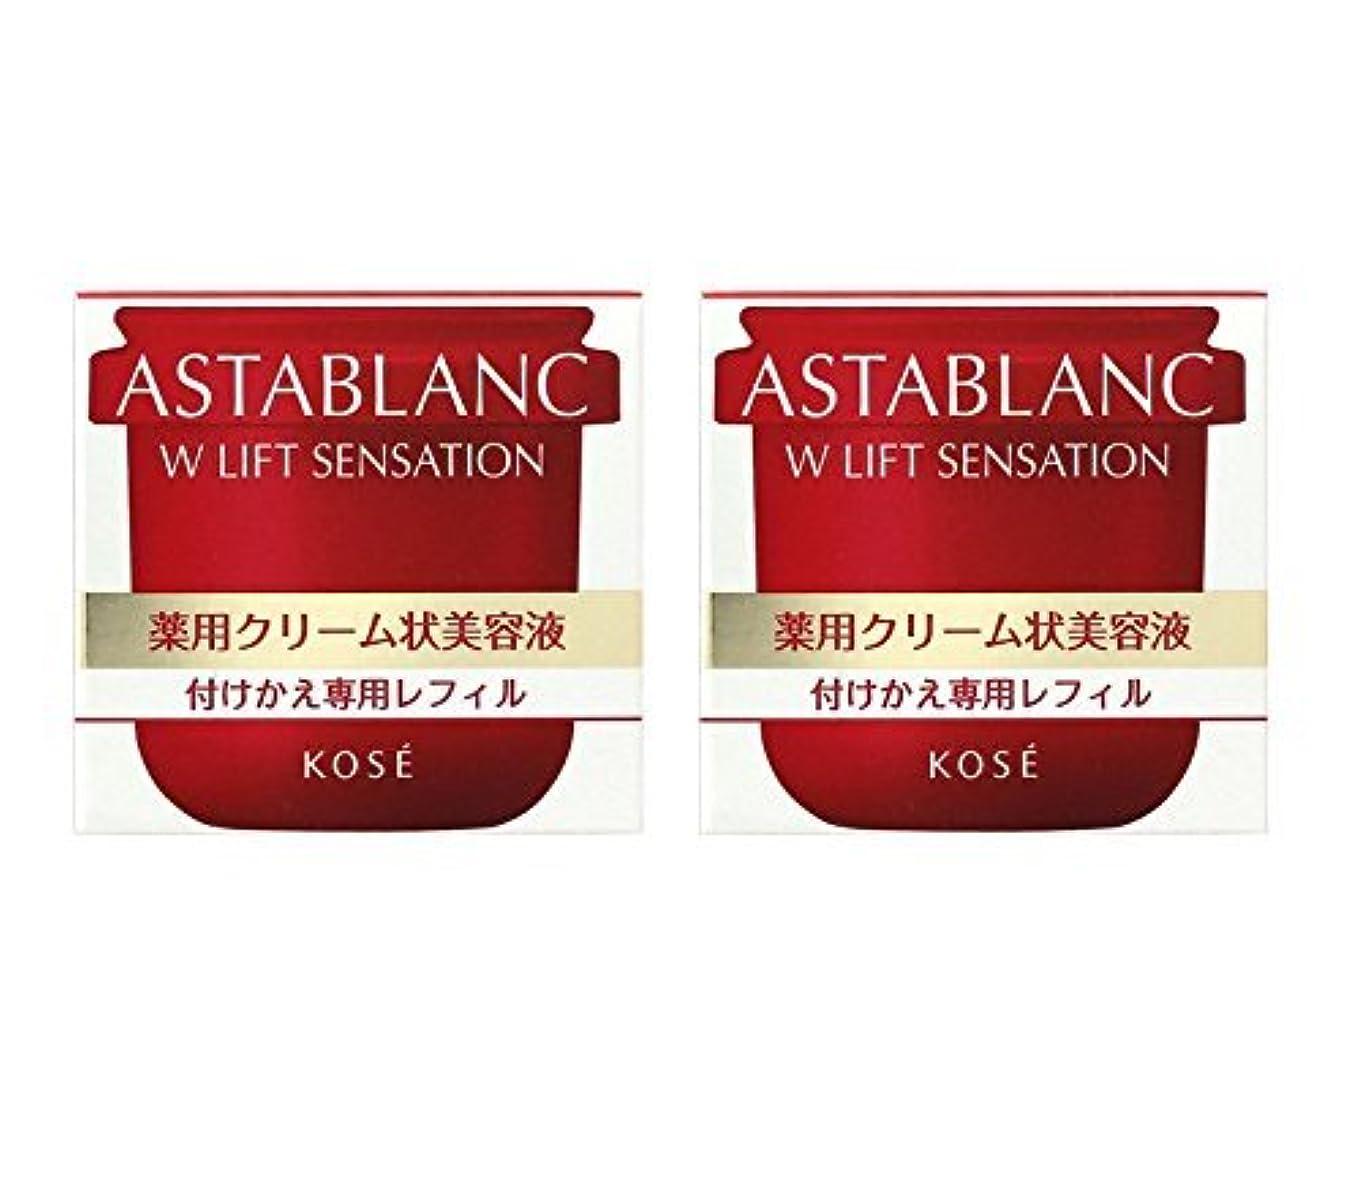 【2個セット】 コーセー アスタブラン Wリフト センセーション 30g レフィル